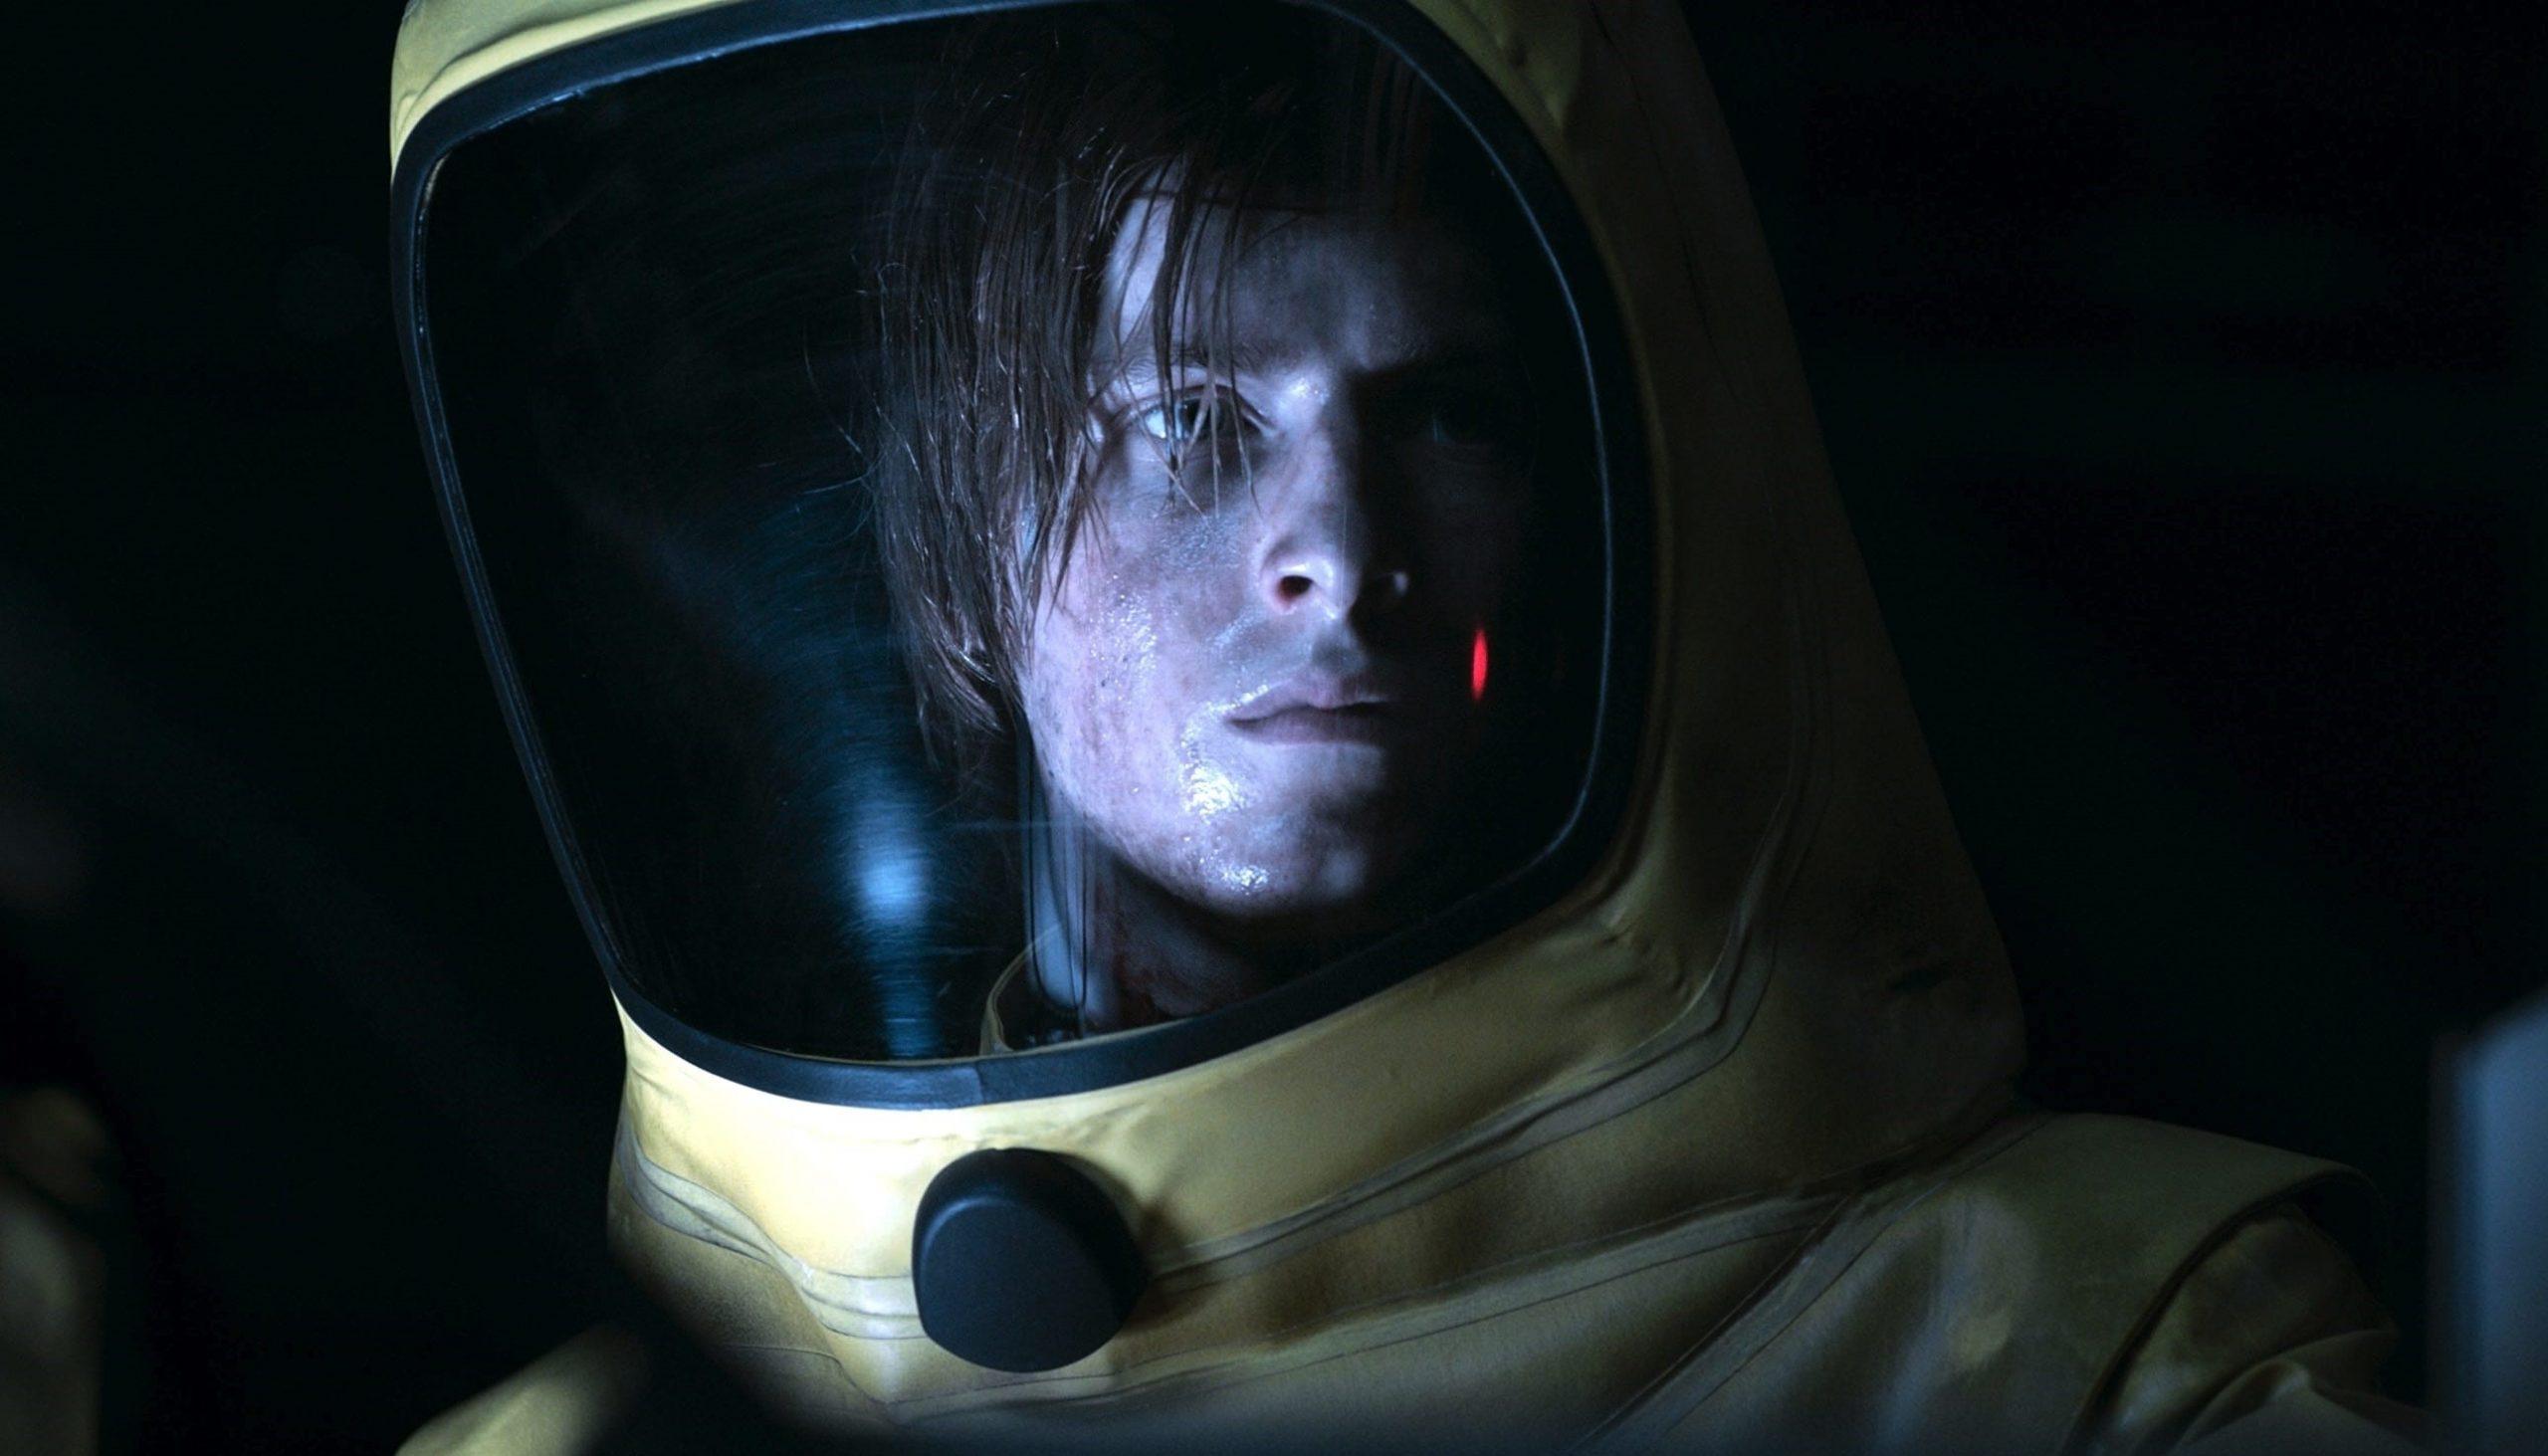 The new Netflix Original from Dark Dark creators will be groundbreaking